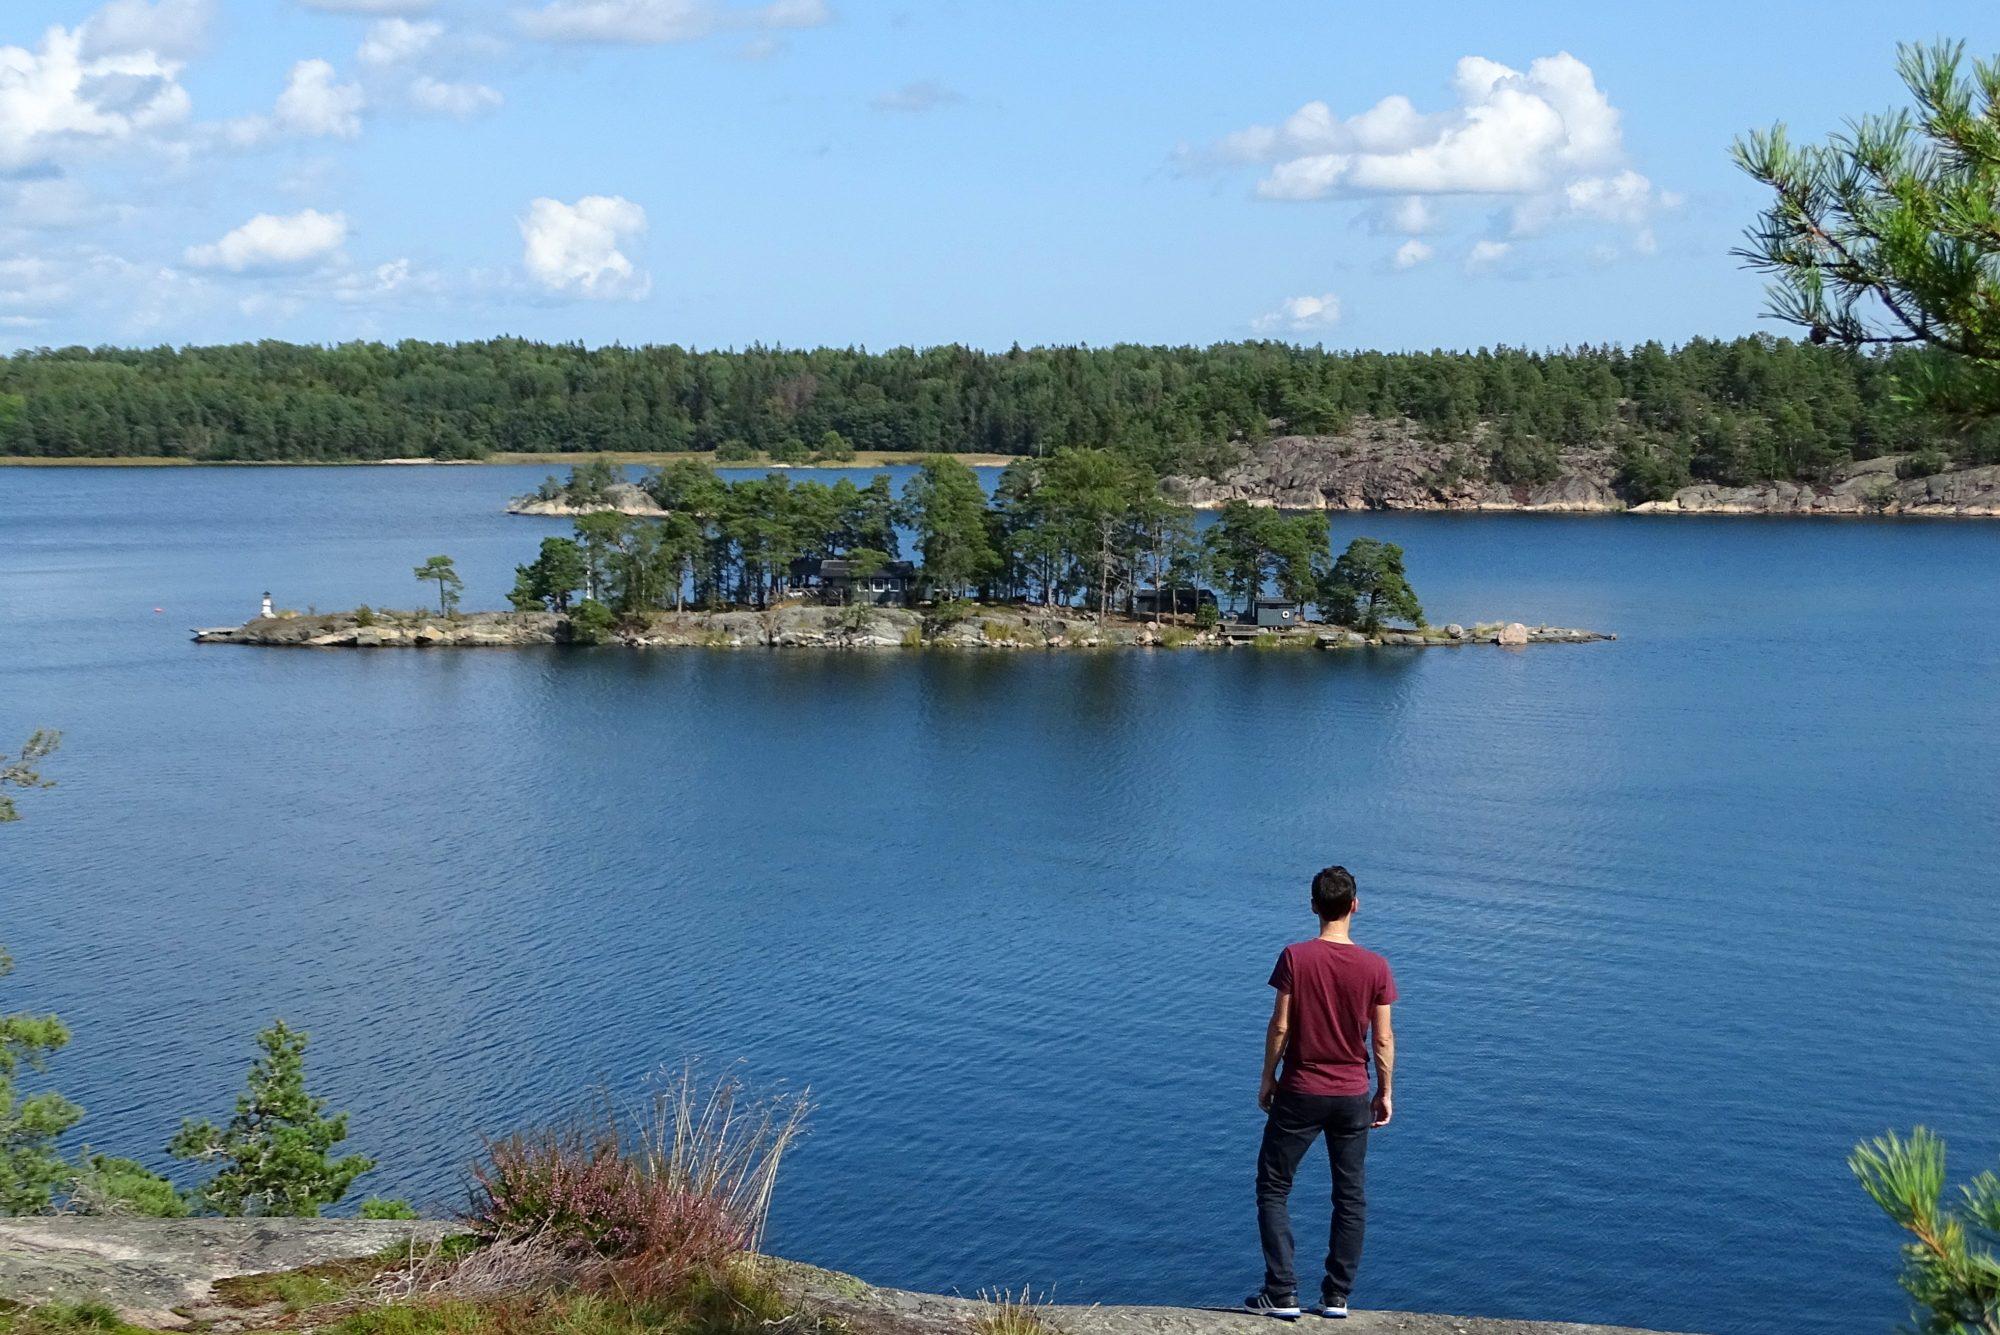 Eiland Grinda in de archipel van Stockholm